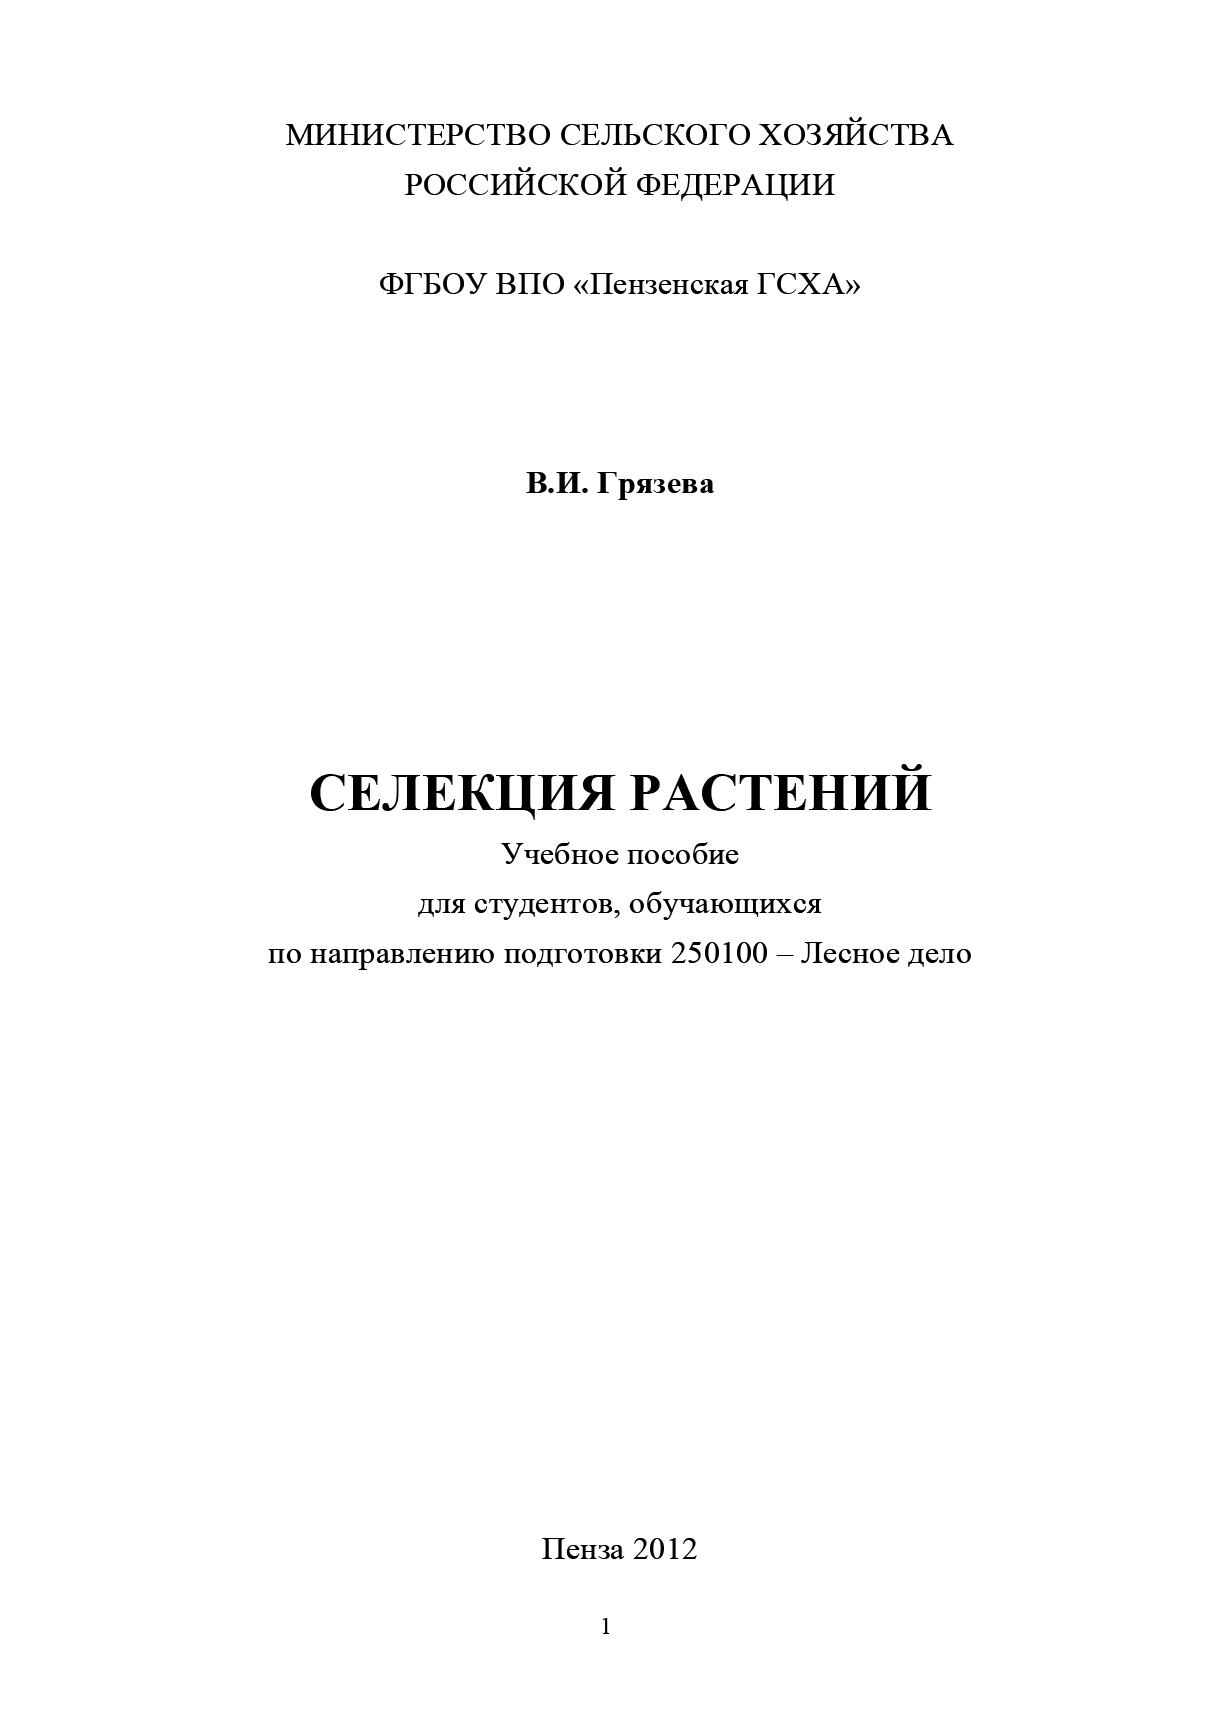 Валентина Грязева Селекция растений кабанов в молекулярные основы селекции свиней